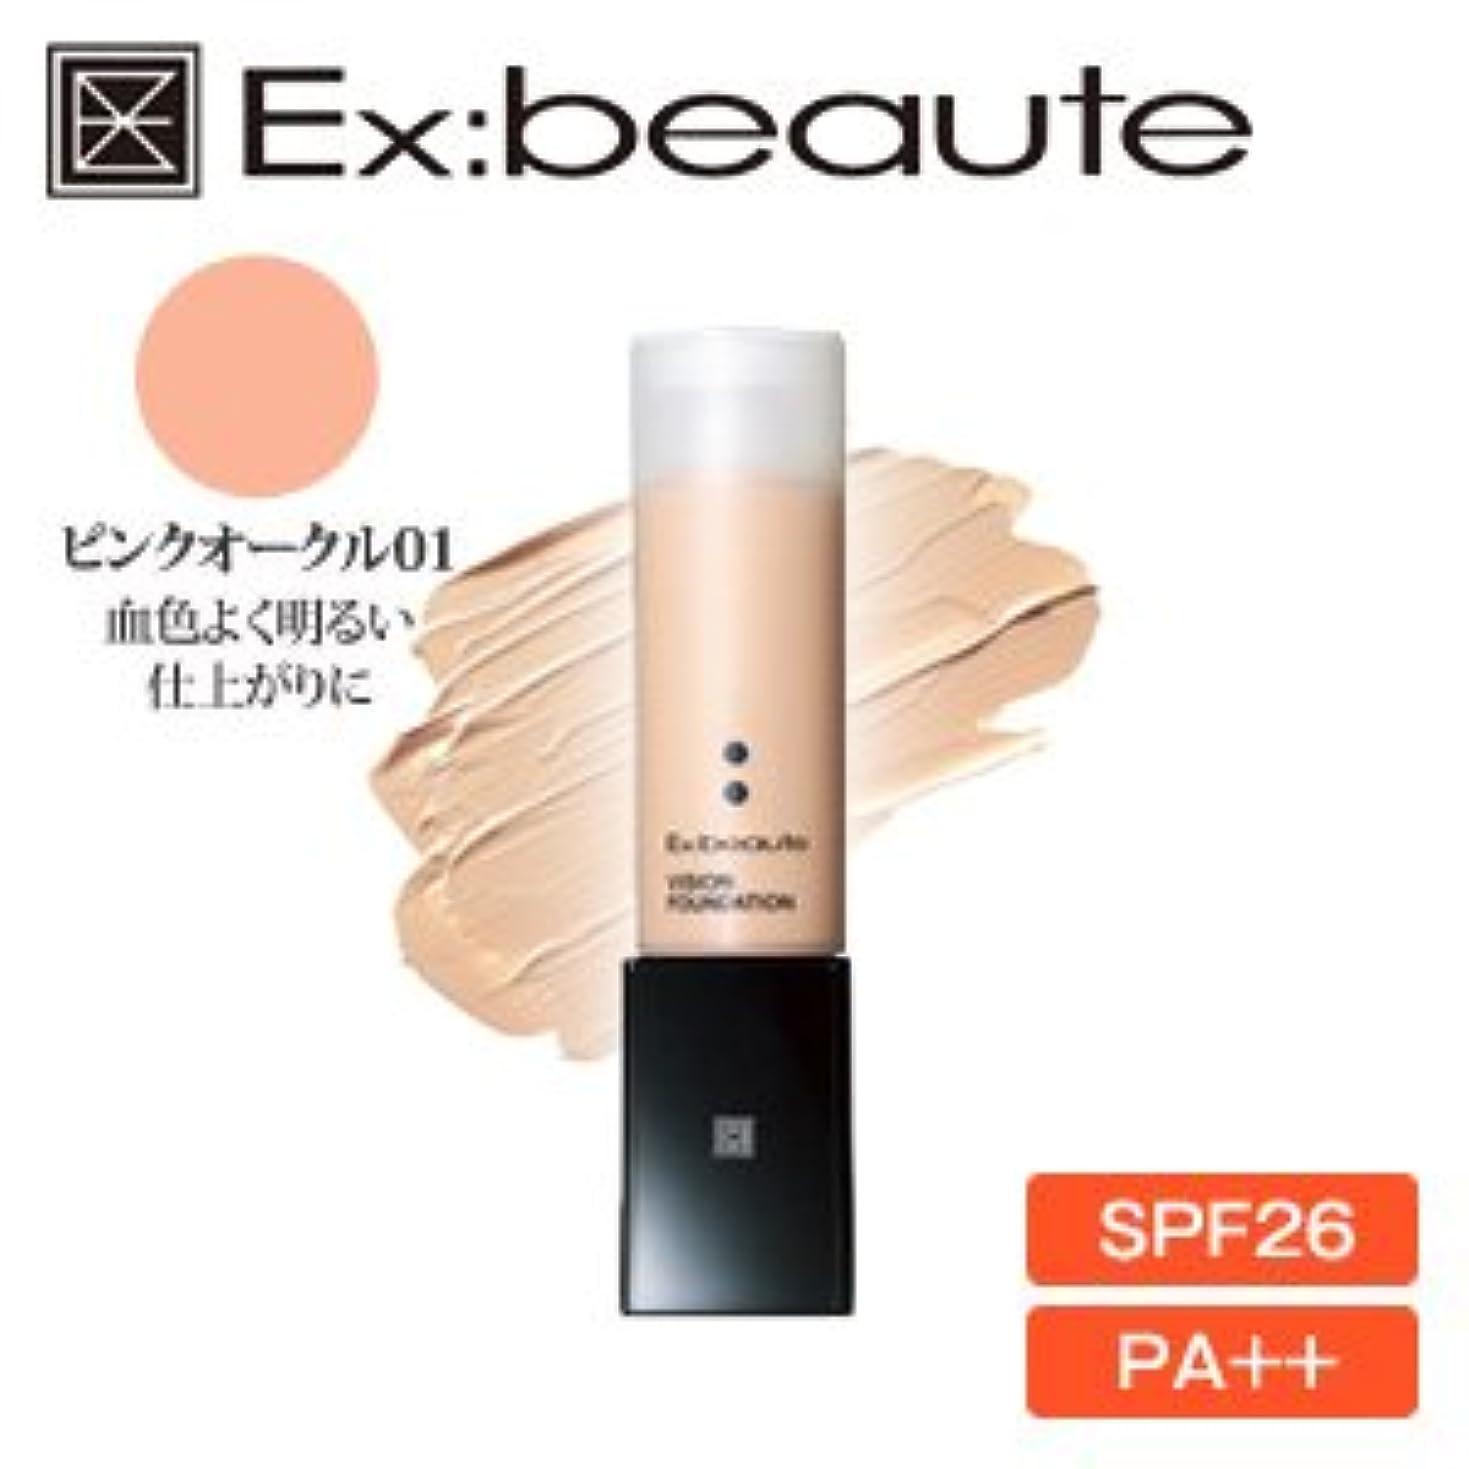 歩き回る経験広くEx:beaute (エクスボーテ) ビジョンファンデーション リキッドマットタイプ ピンクオークル01